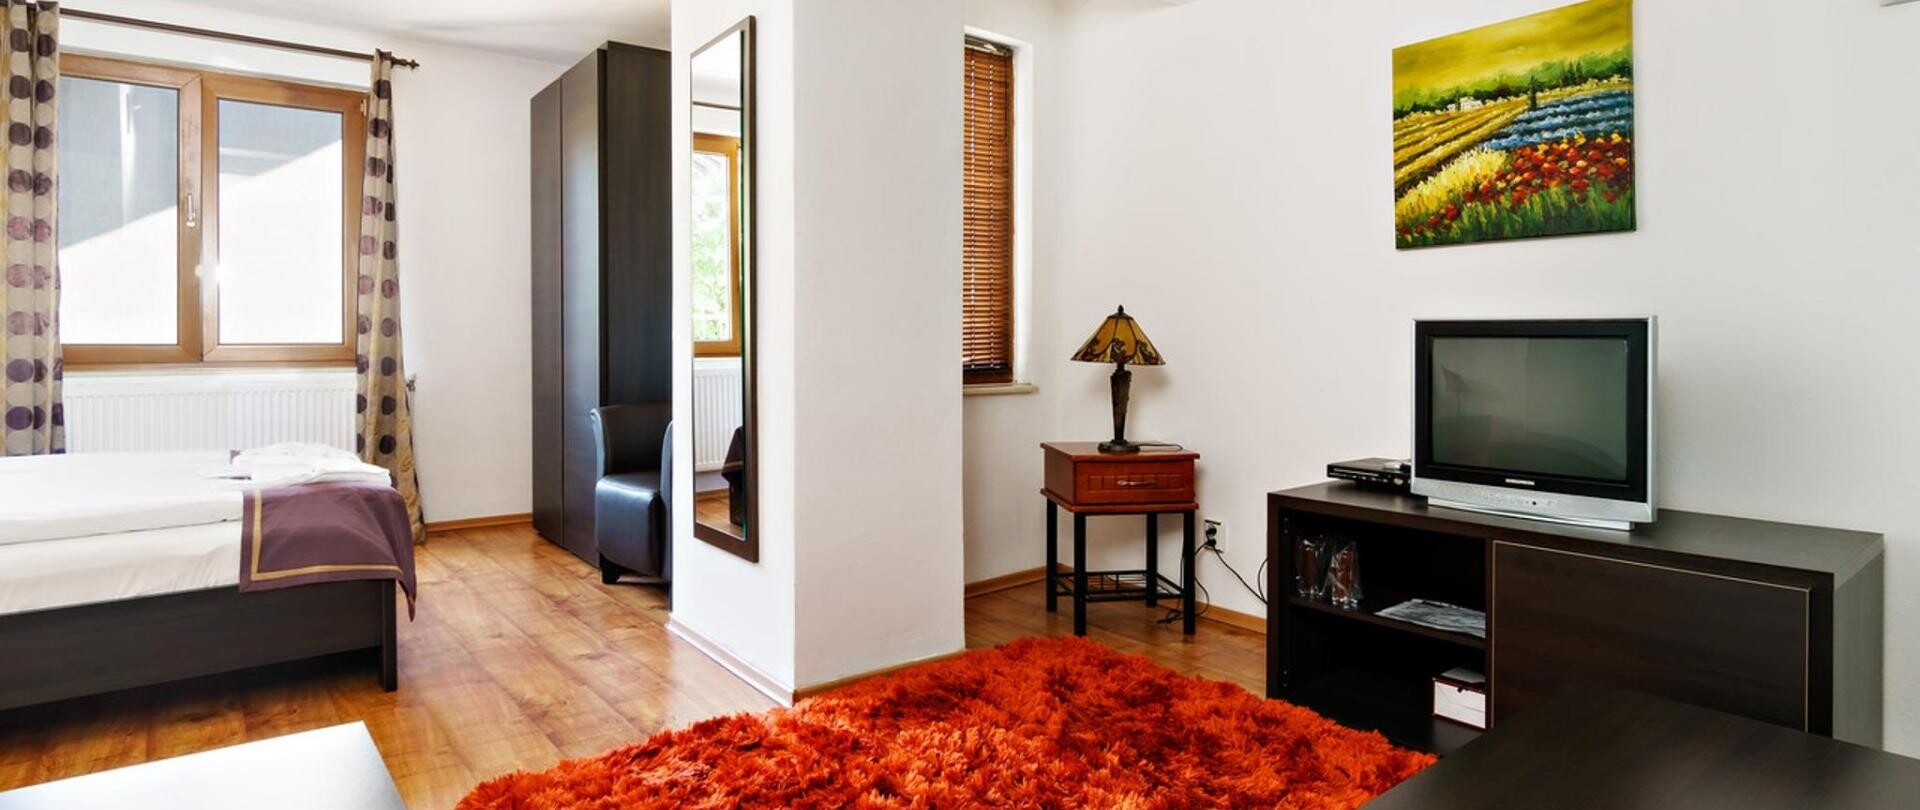 Хотел Кампанела 3* - двойна делукс стая